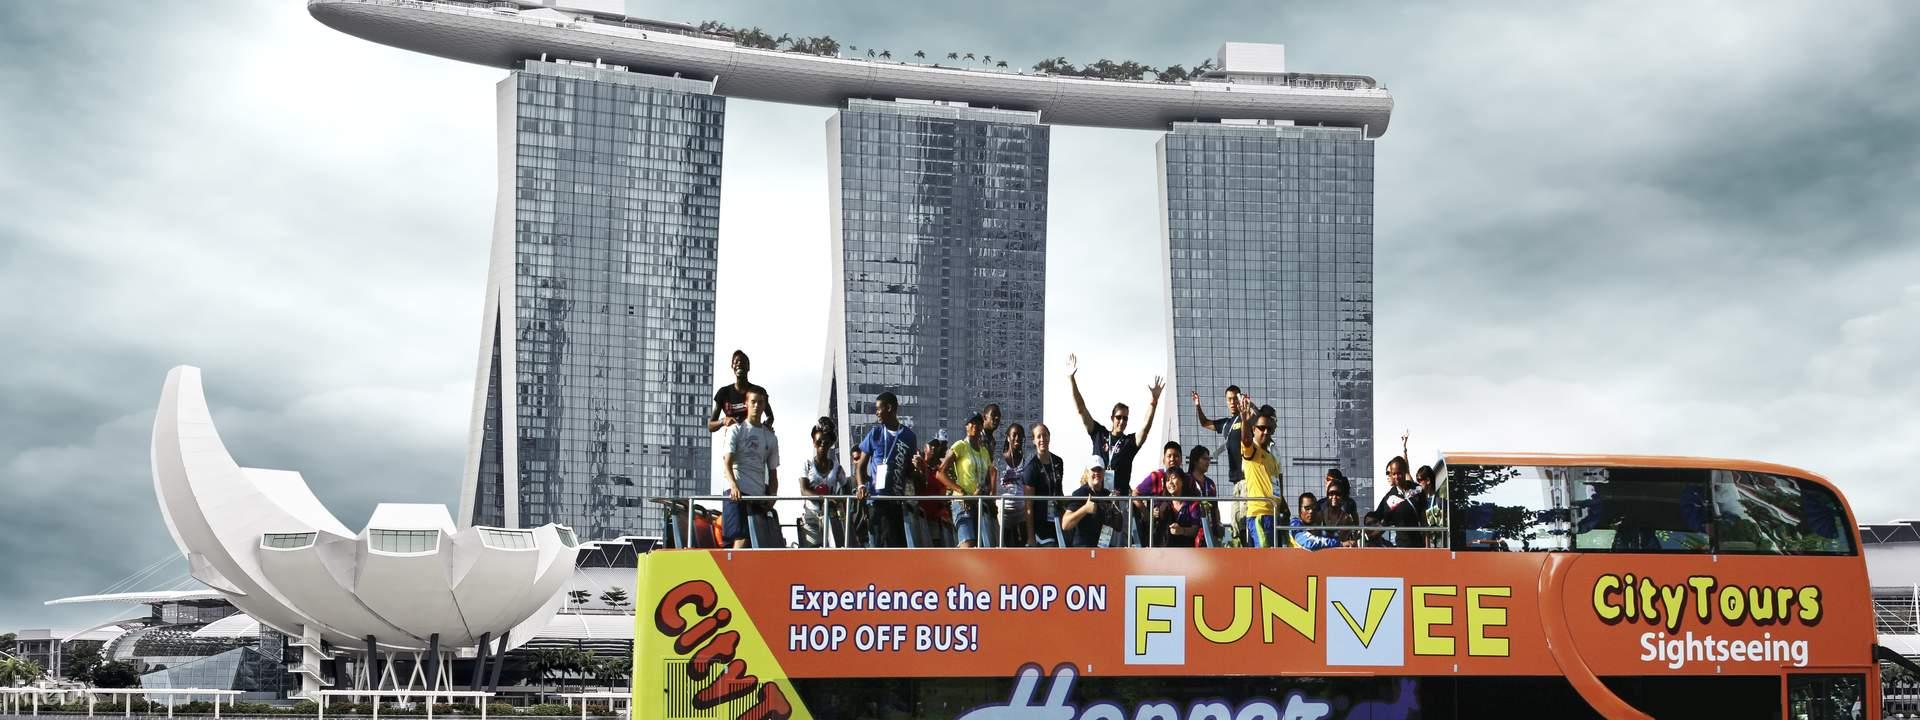 【新加坡一日遊行程】超過20種一日遊路線推薦| FunTime旅遊比價